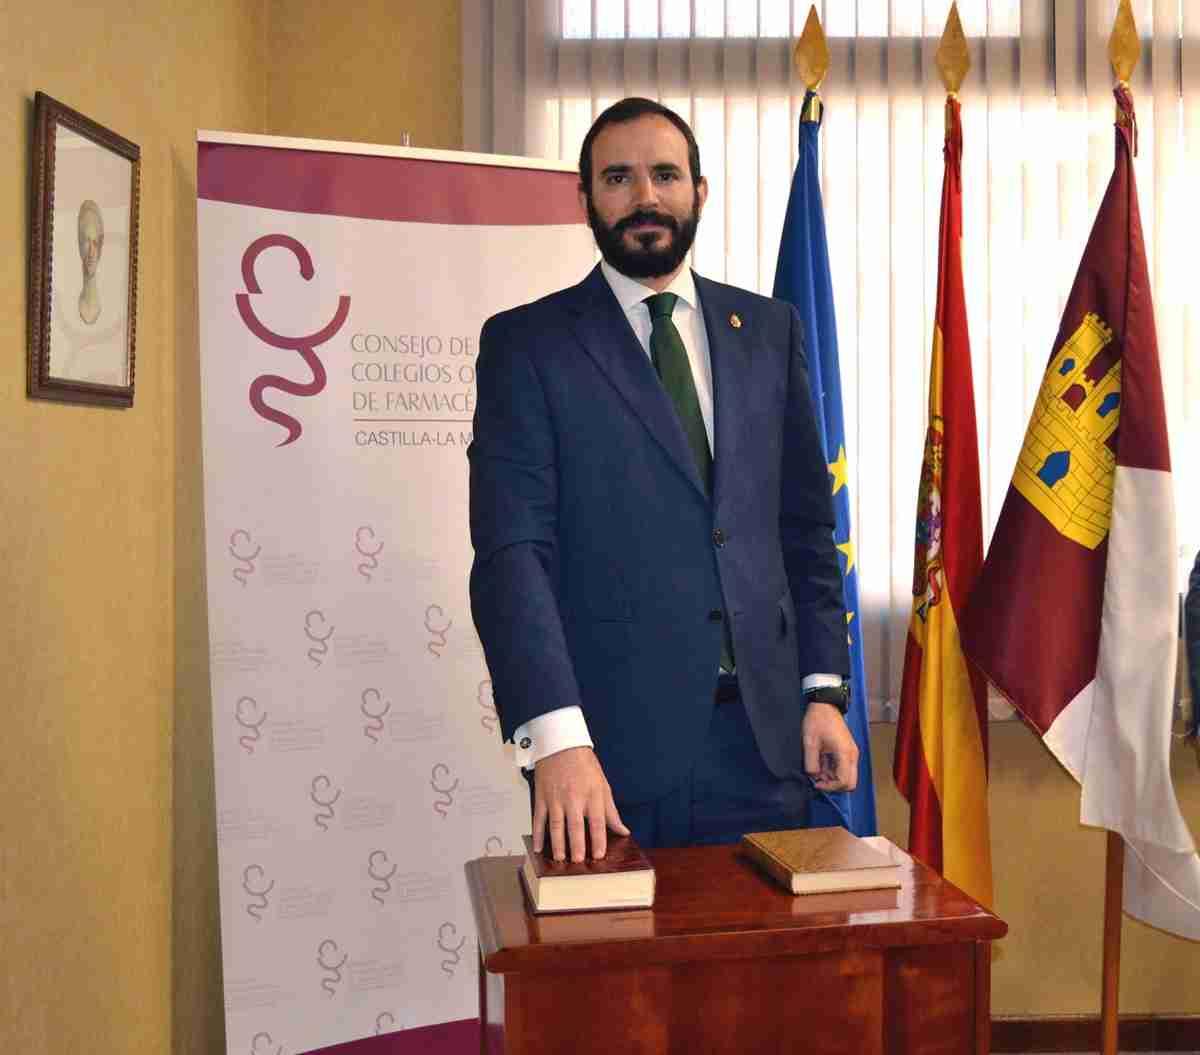 Francisco José Izquierdo Barba es el nuevo presidente del Consejo de Colegios de Farmacéuticos regional 1